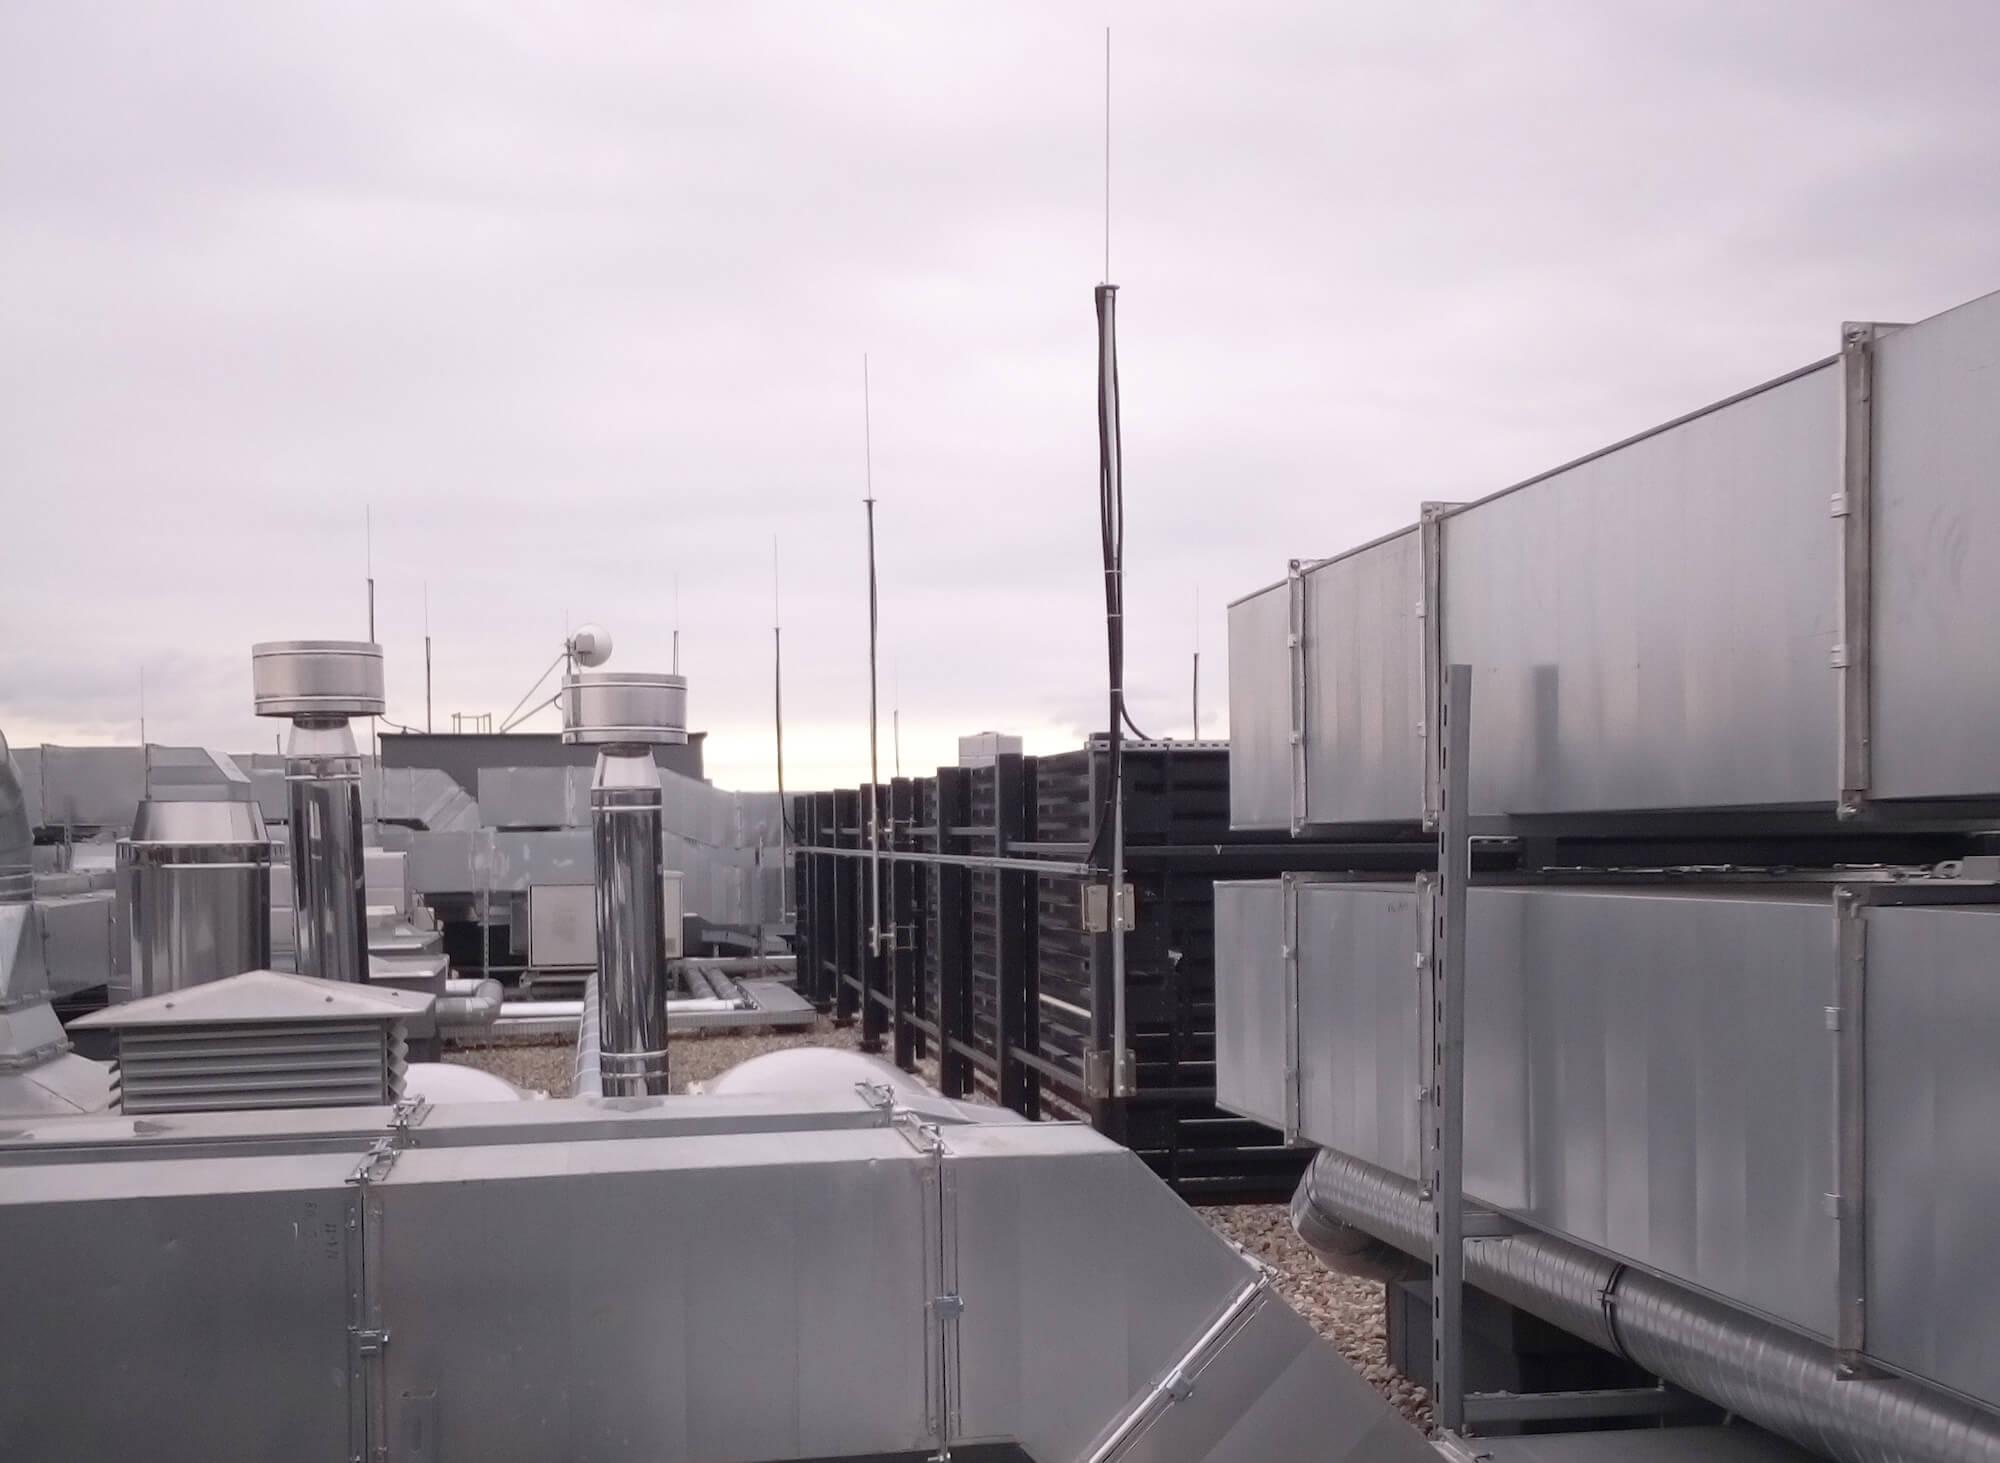 Maszty odgromowe izolowane z wysokonapięciowym przwodem odprowadzającym mocowane do konstrukcji ekranów ochronnych na dachu.